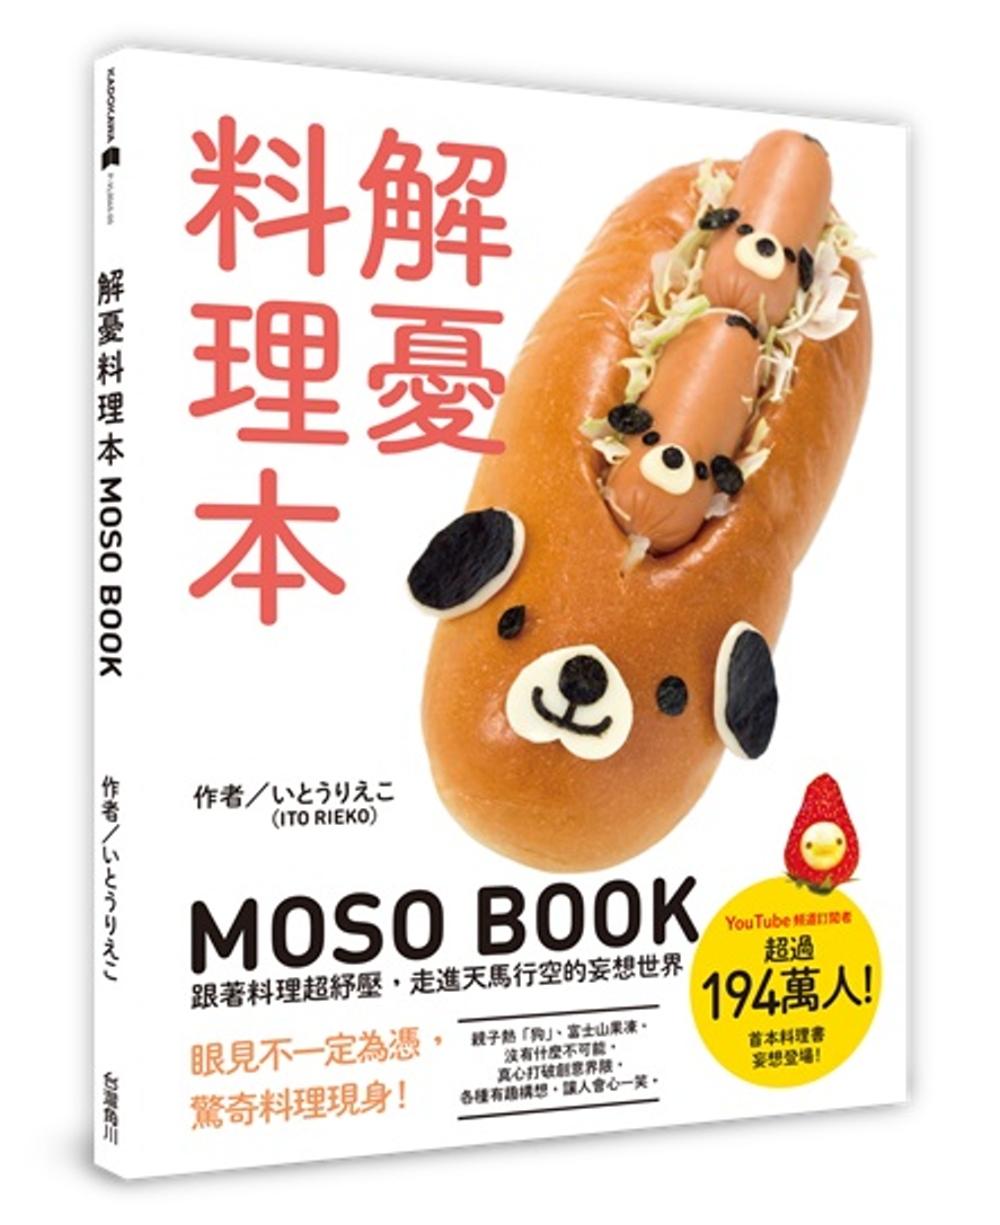 解憂料理本 MOSO BOOK 跟著料理超紓壓,走進天馬行空的妄想世界